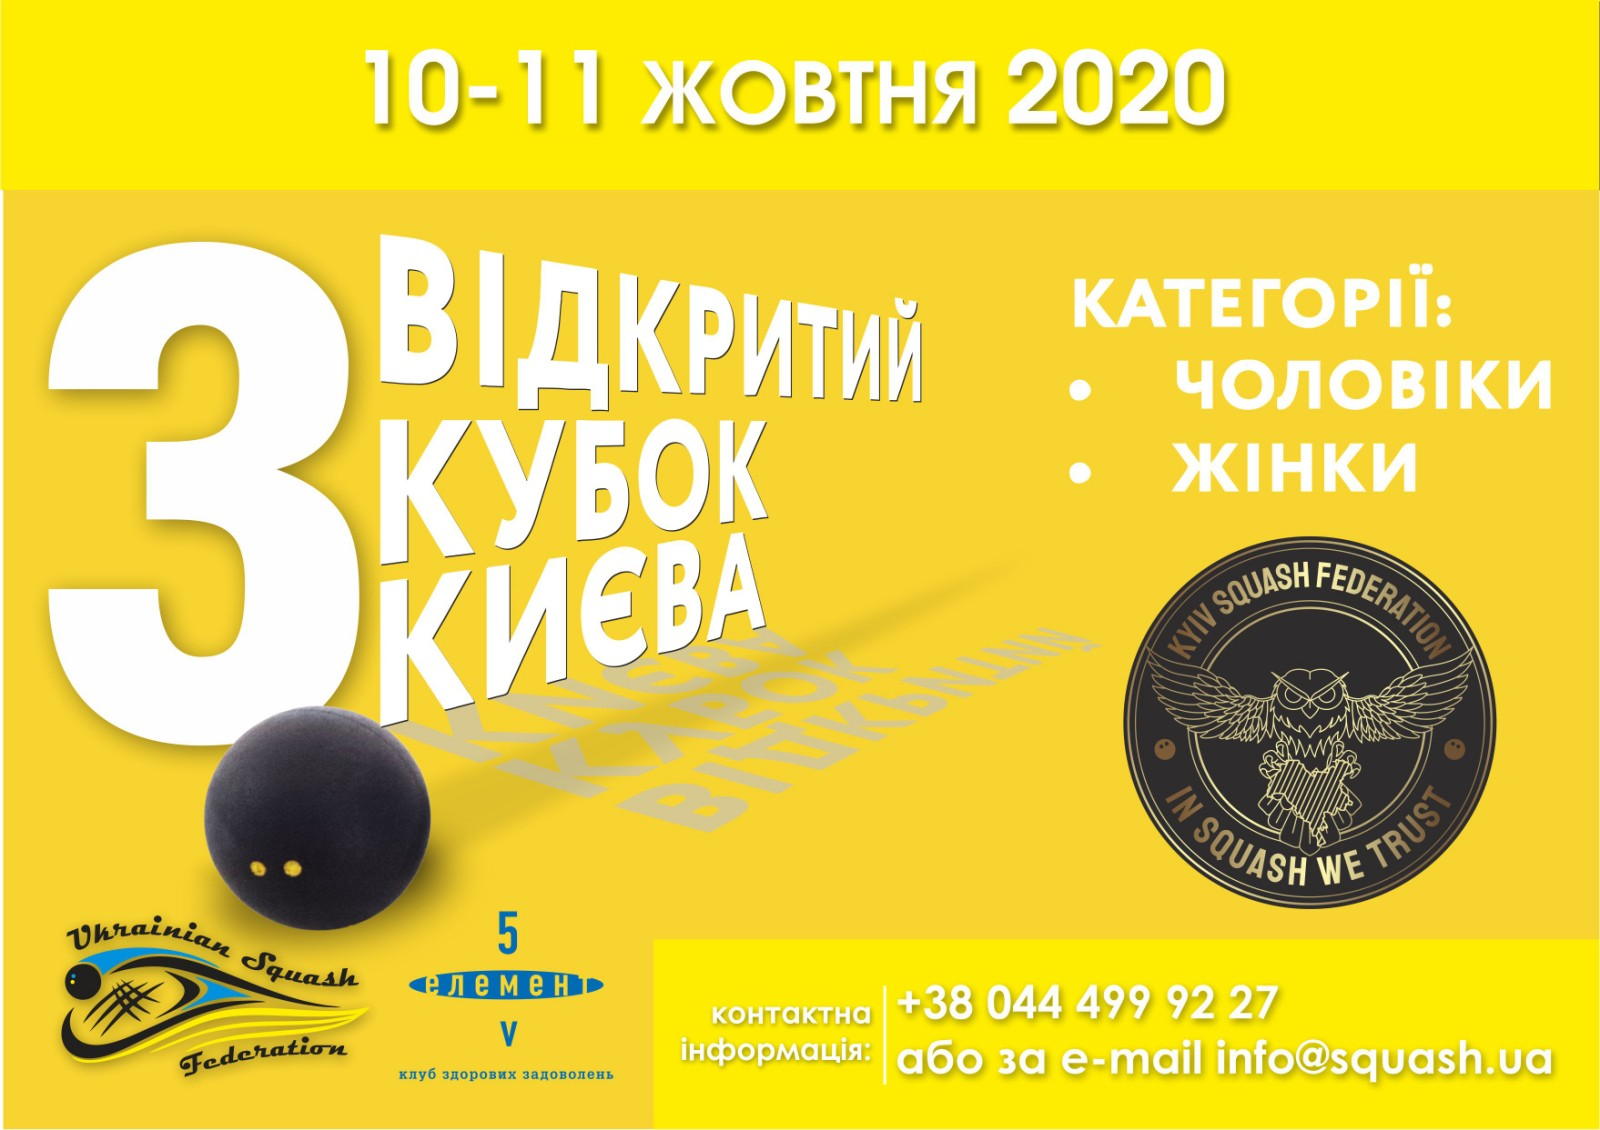 Відкритий кубок Києва